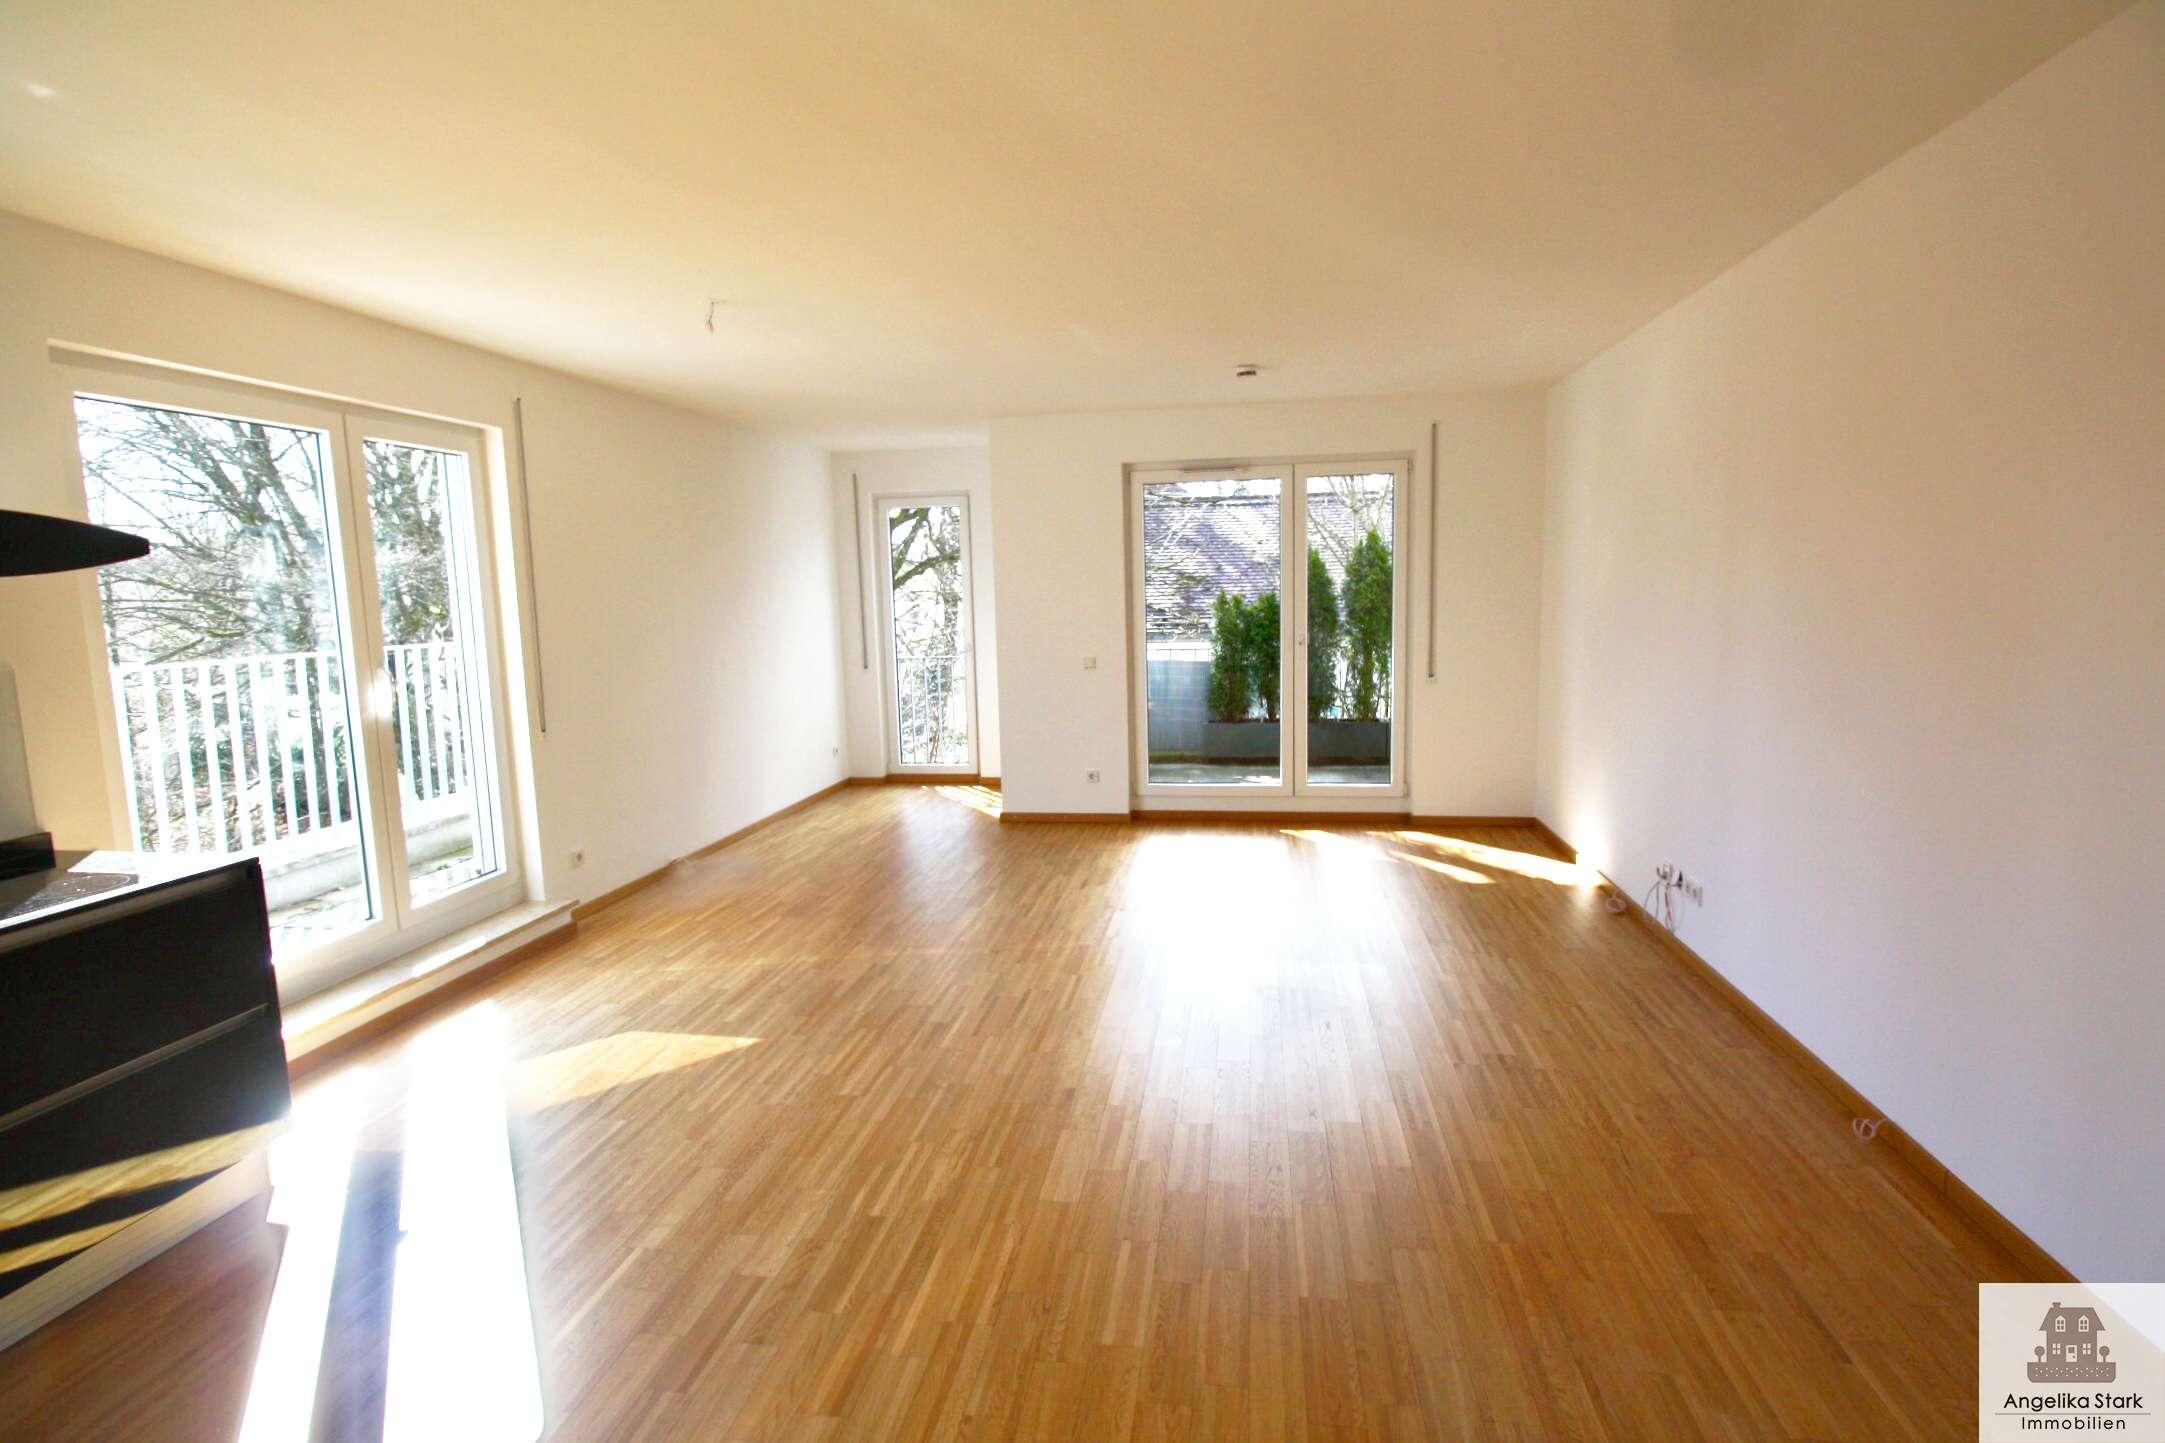 Sonnige Dachterrassen-Wohnung * 2 Bäder * Toplage * absolut ruhig in